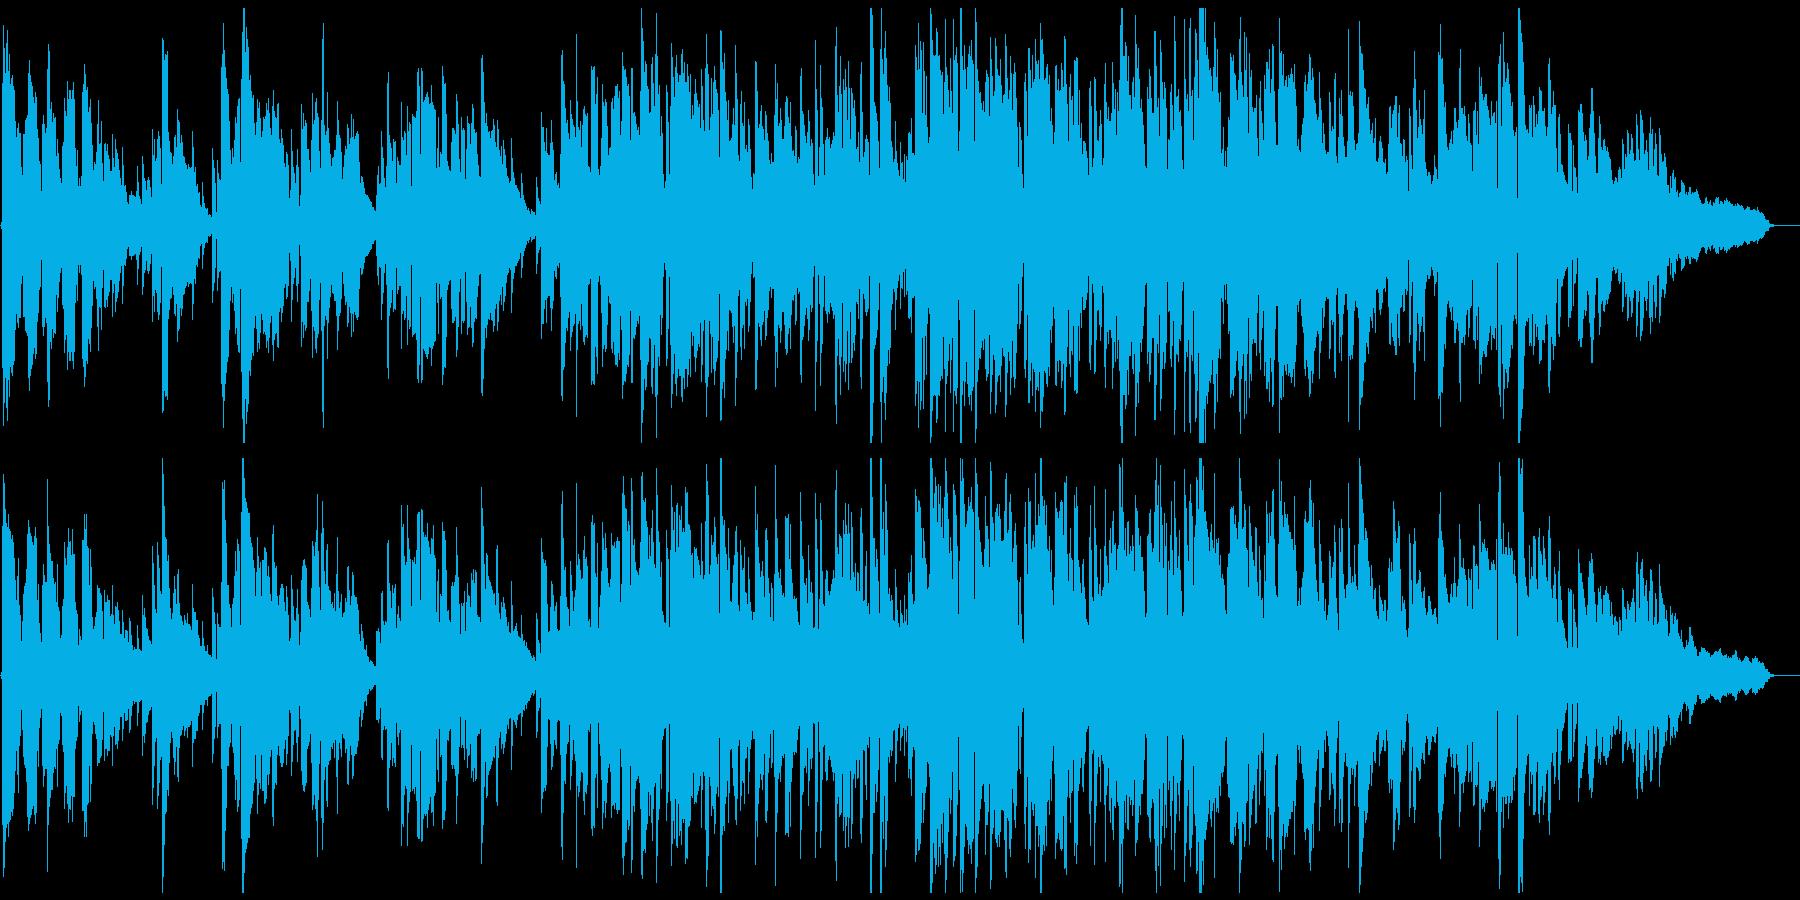 しっとり綺麗、リラックス系の神秘的ジャズの再生済みの波形